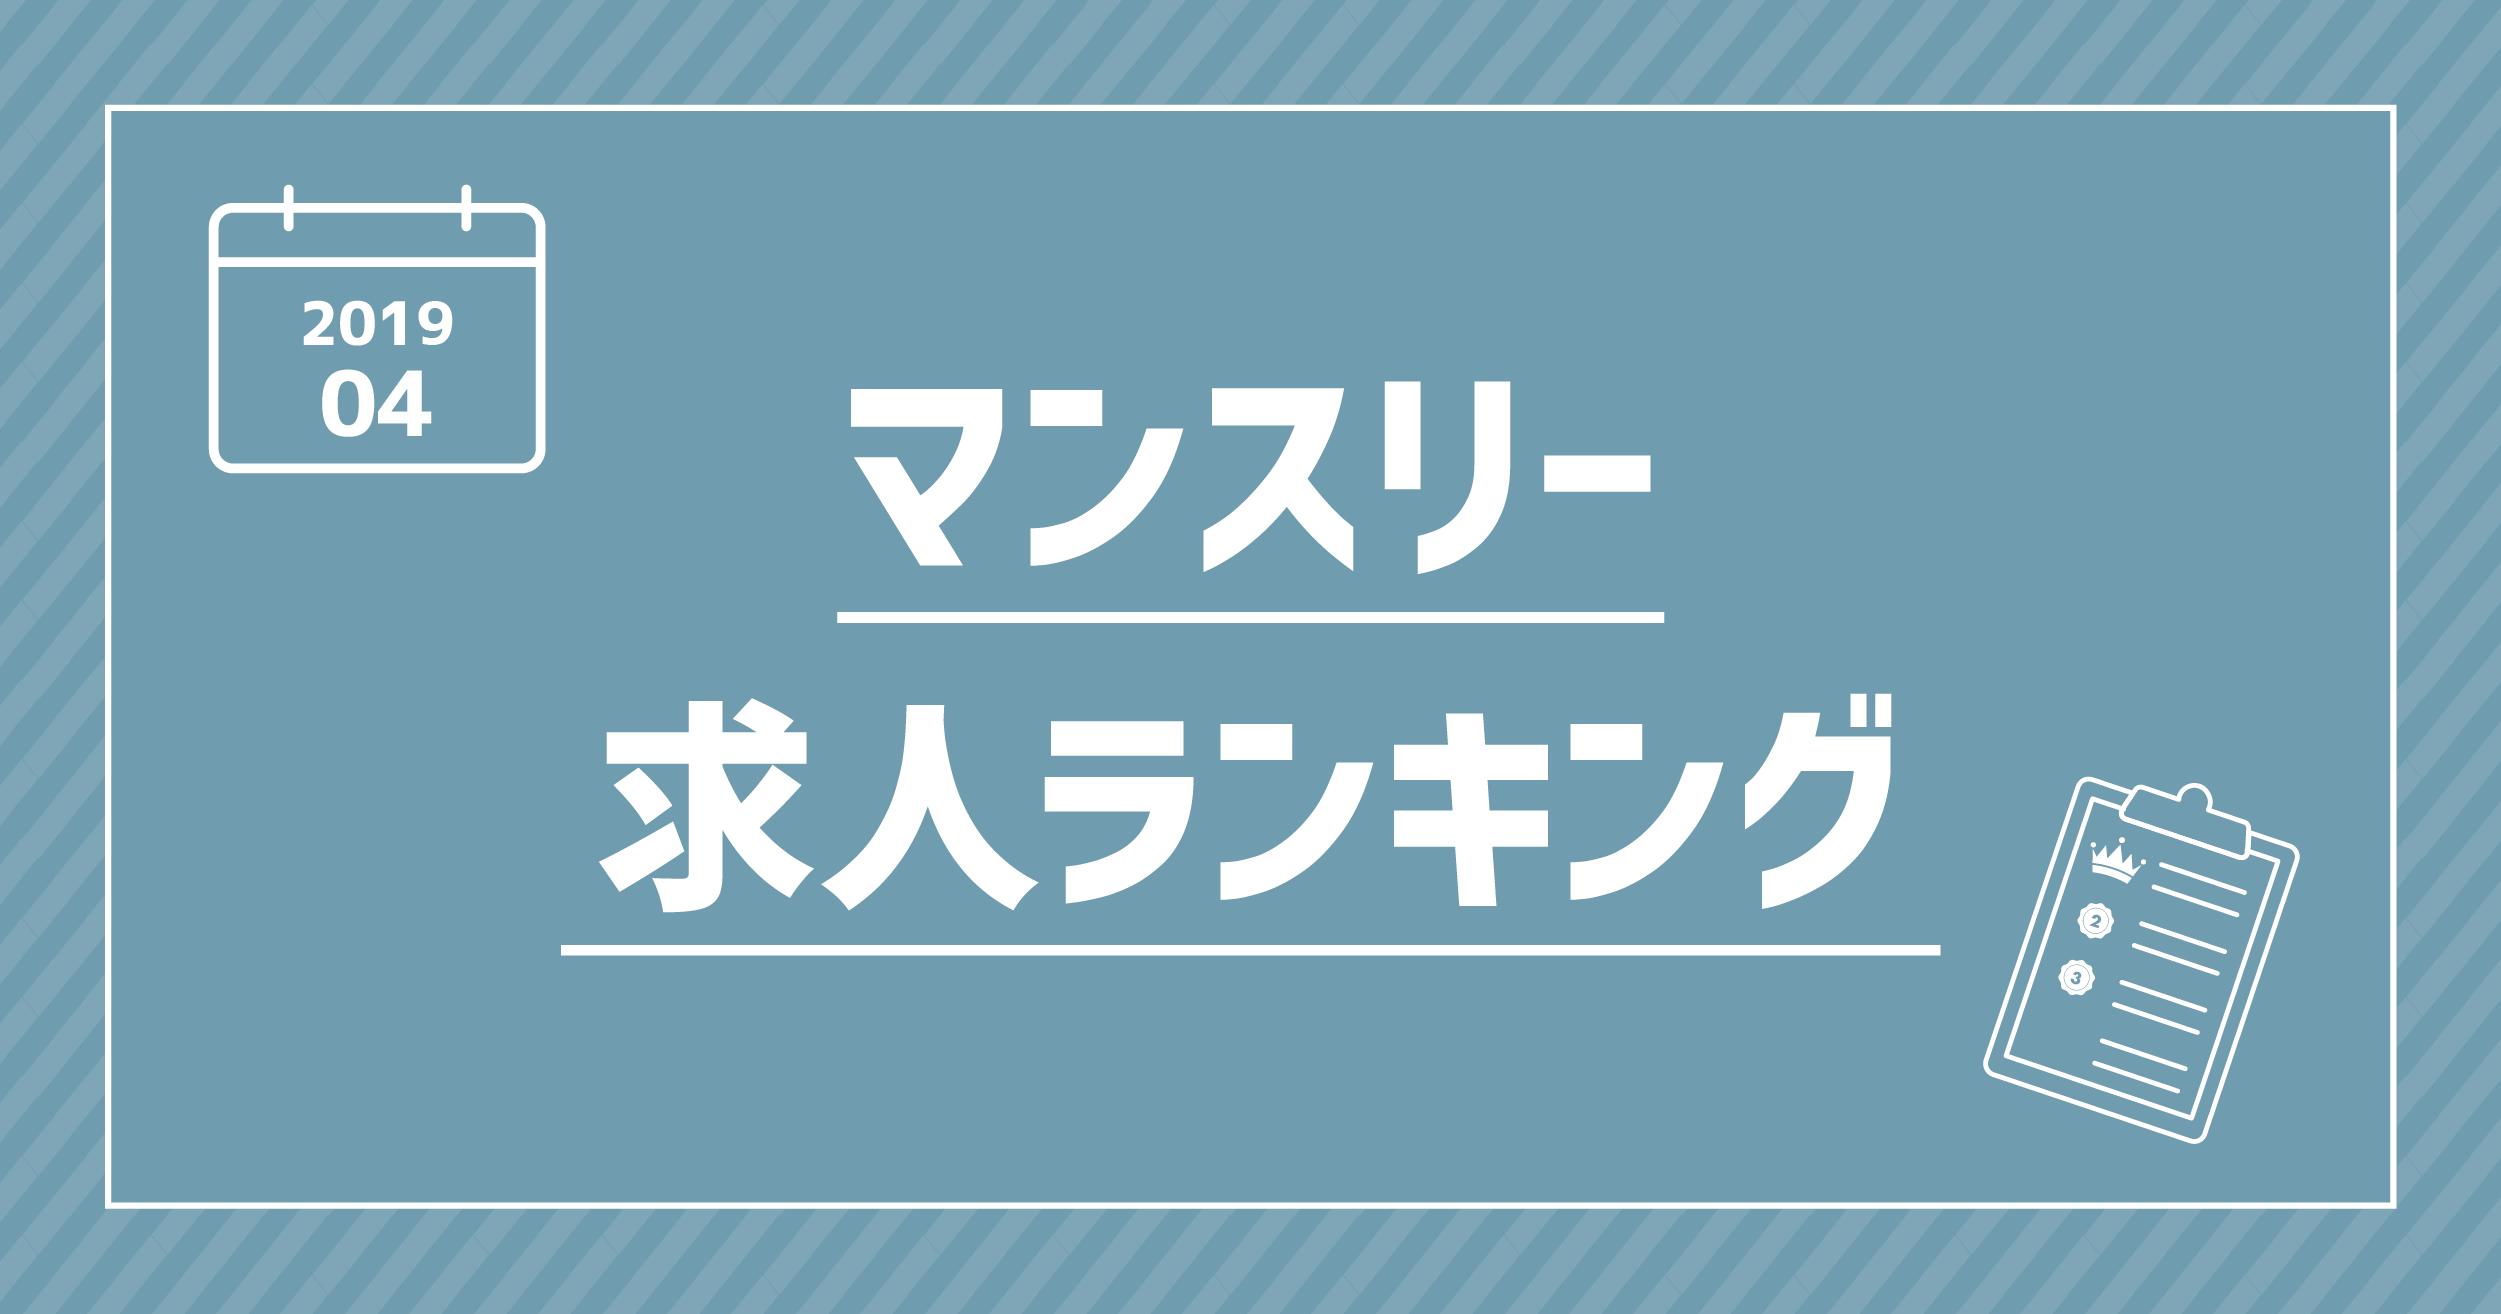 【2019年4月】マンスリー求人ランキング(求人掲載件数・平均給与額)